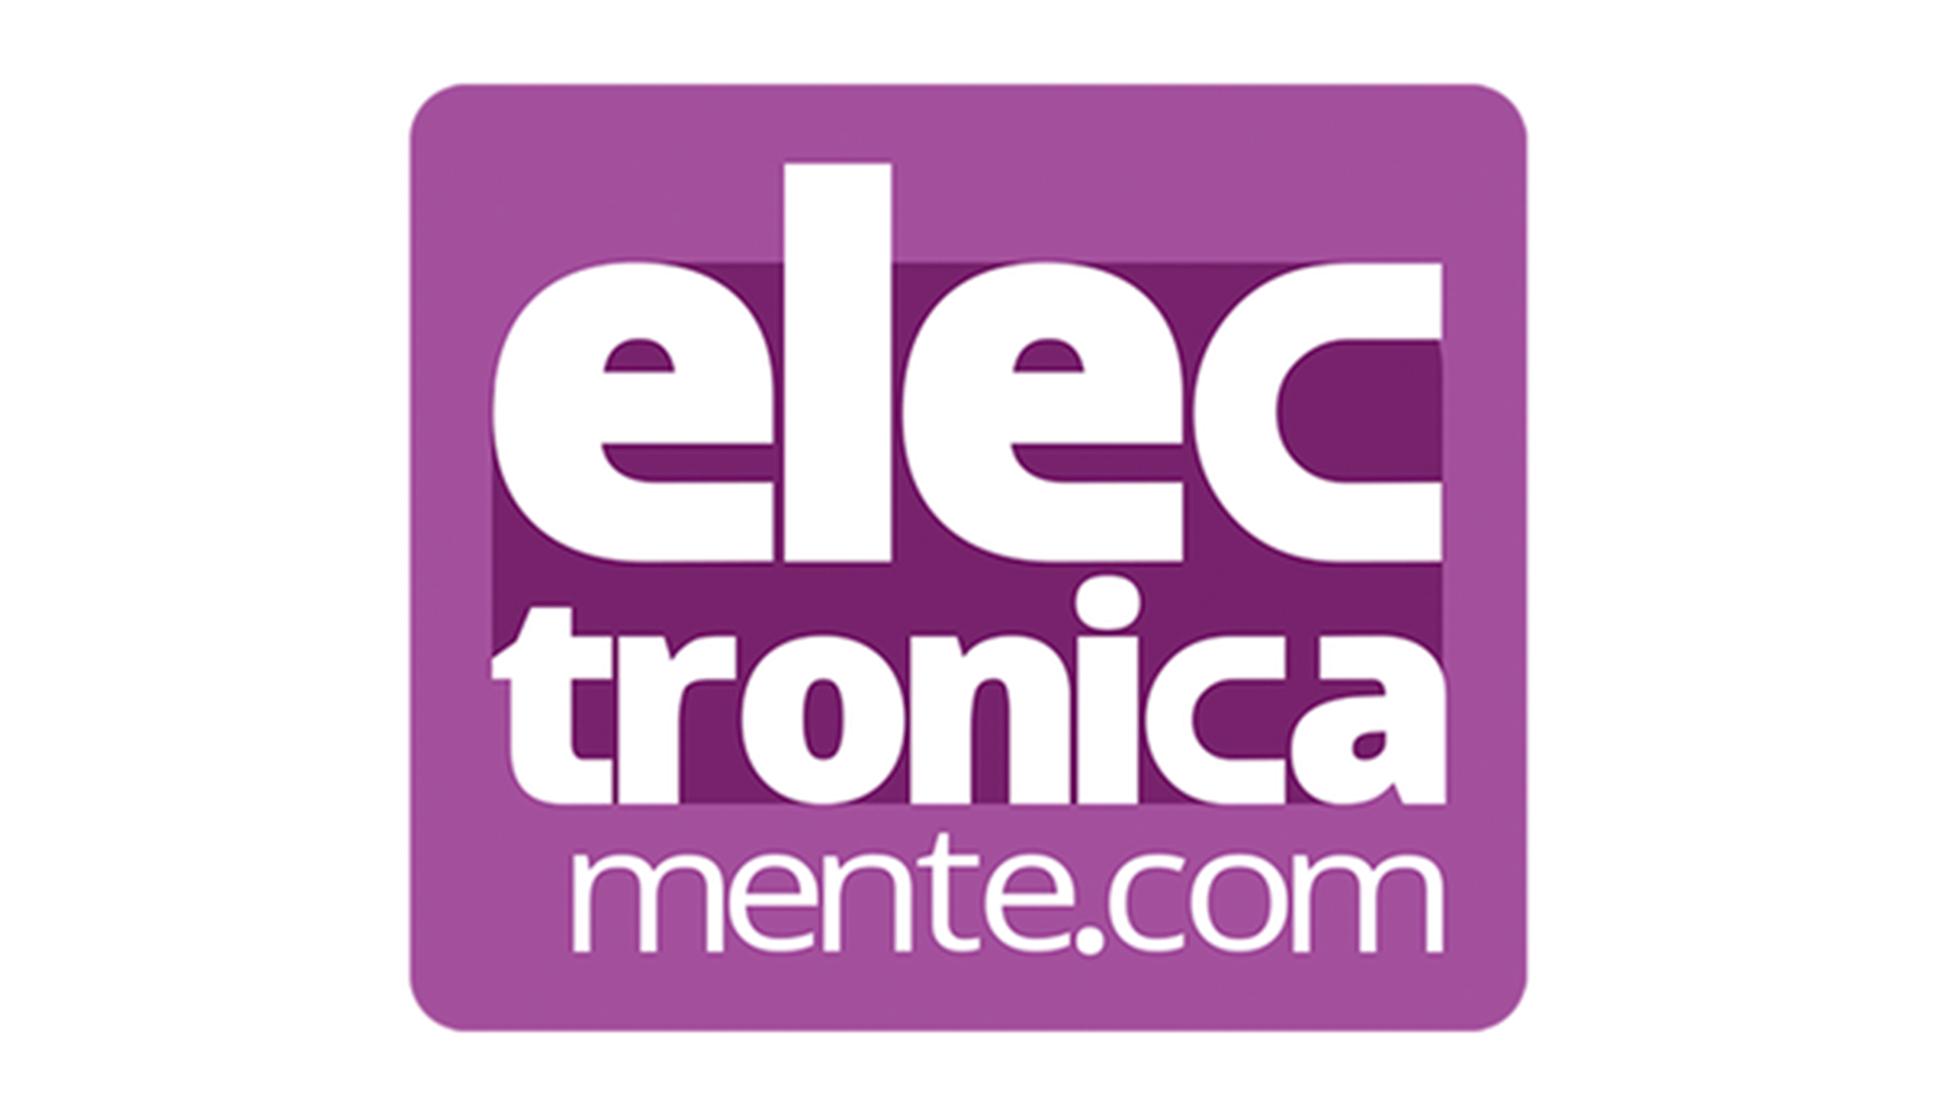 electronicamente.com